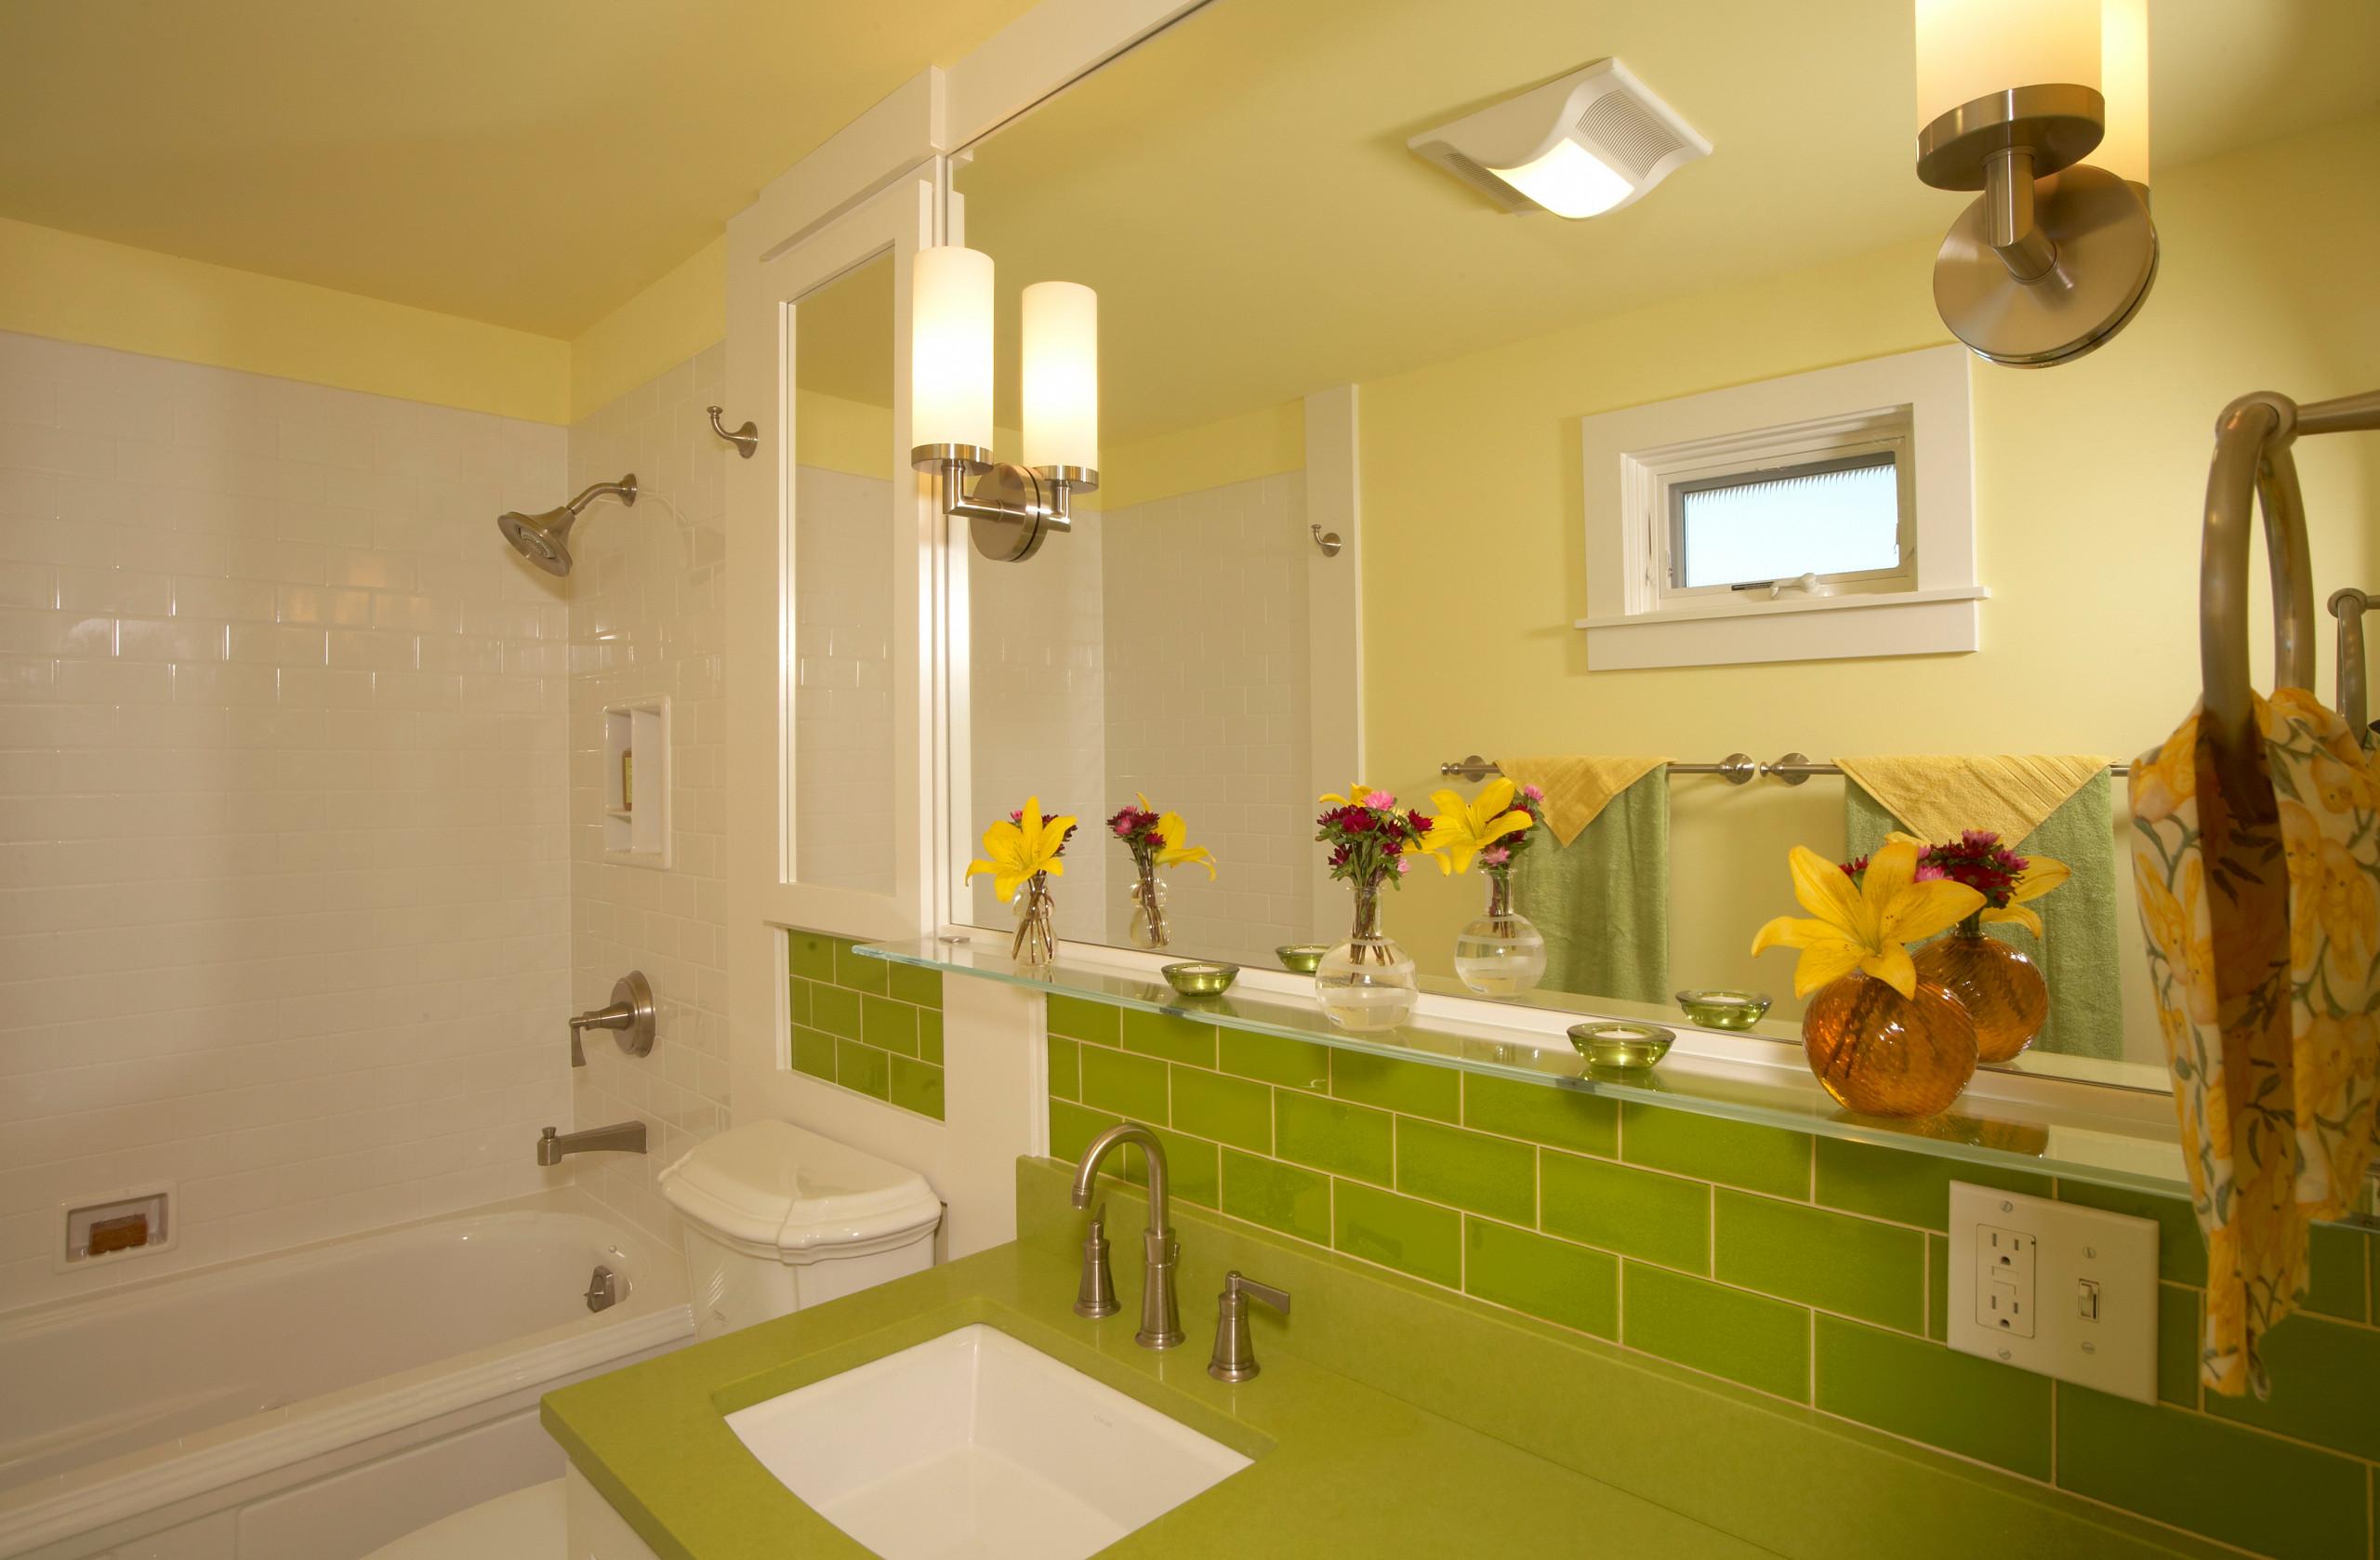 West Seattle Craftsman Kitchen and Bathroom - Home Birth Year 1907